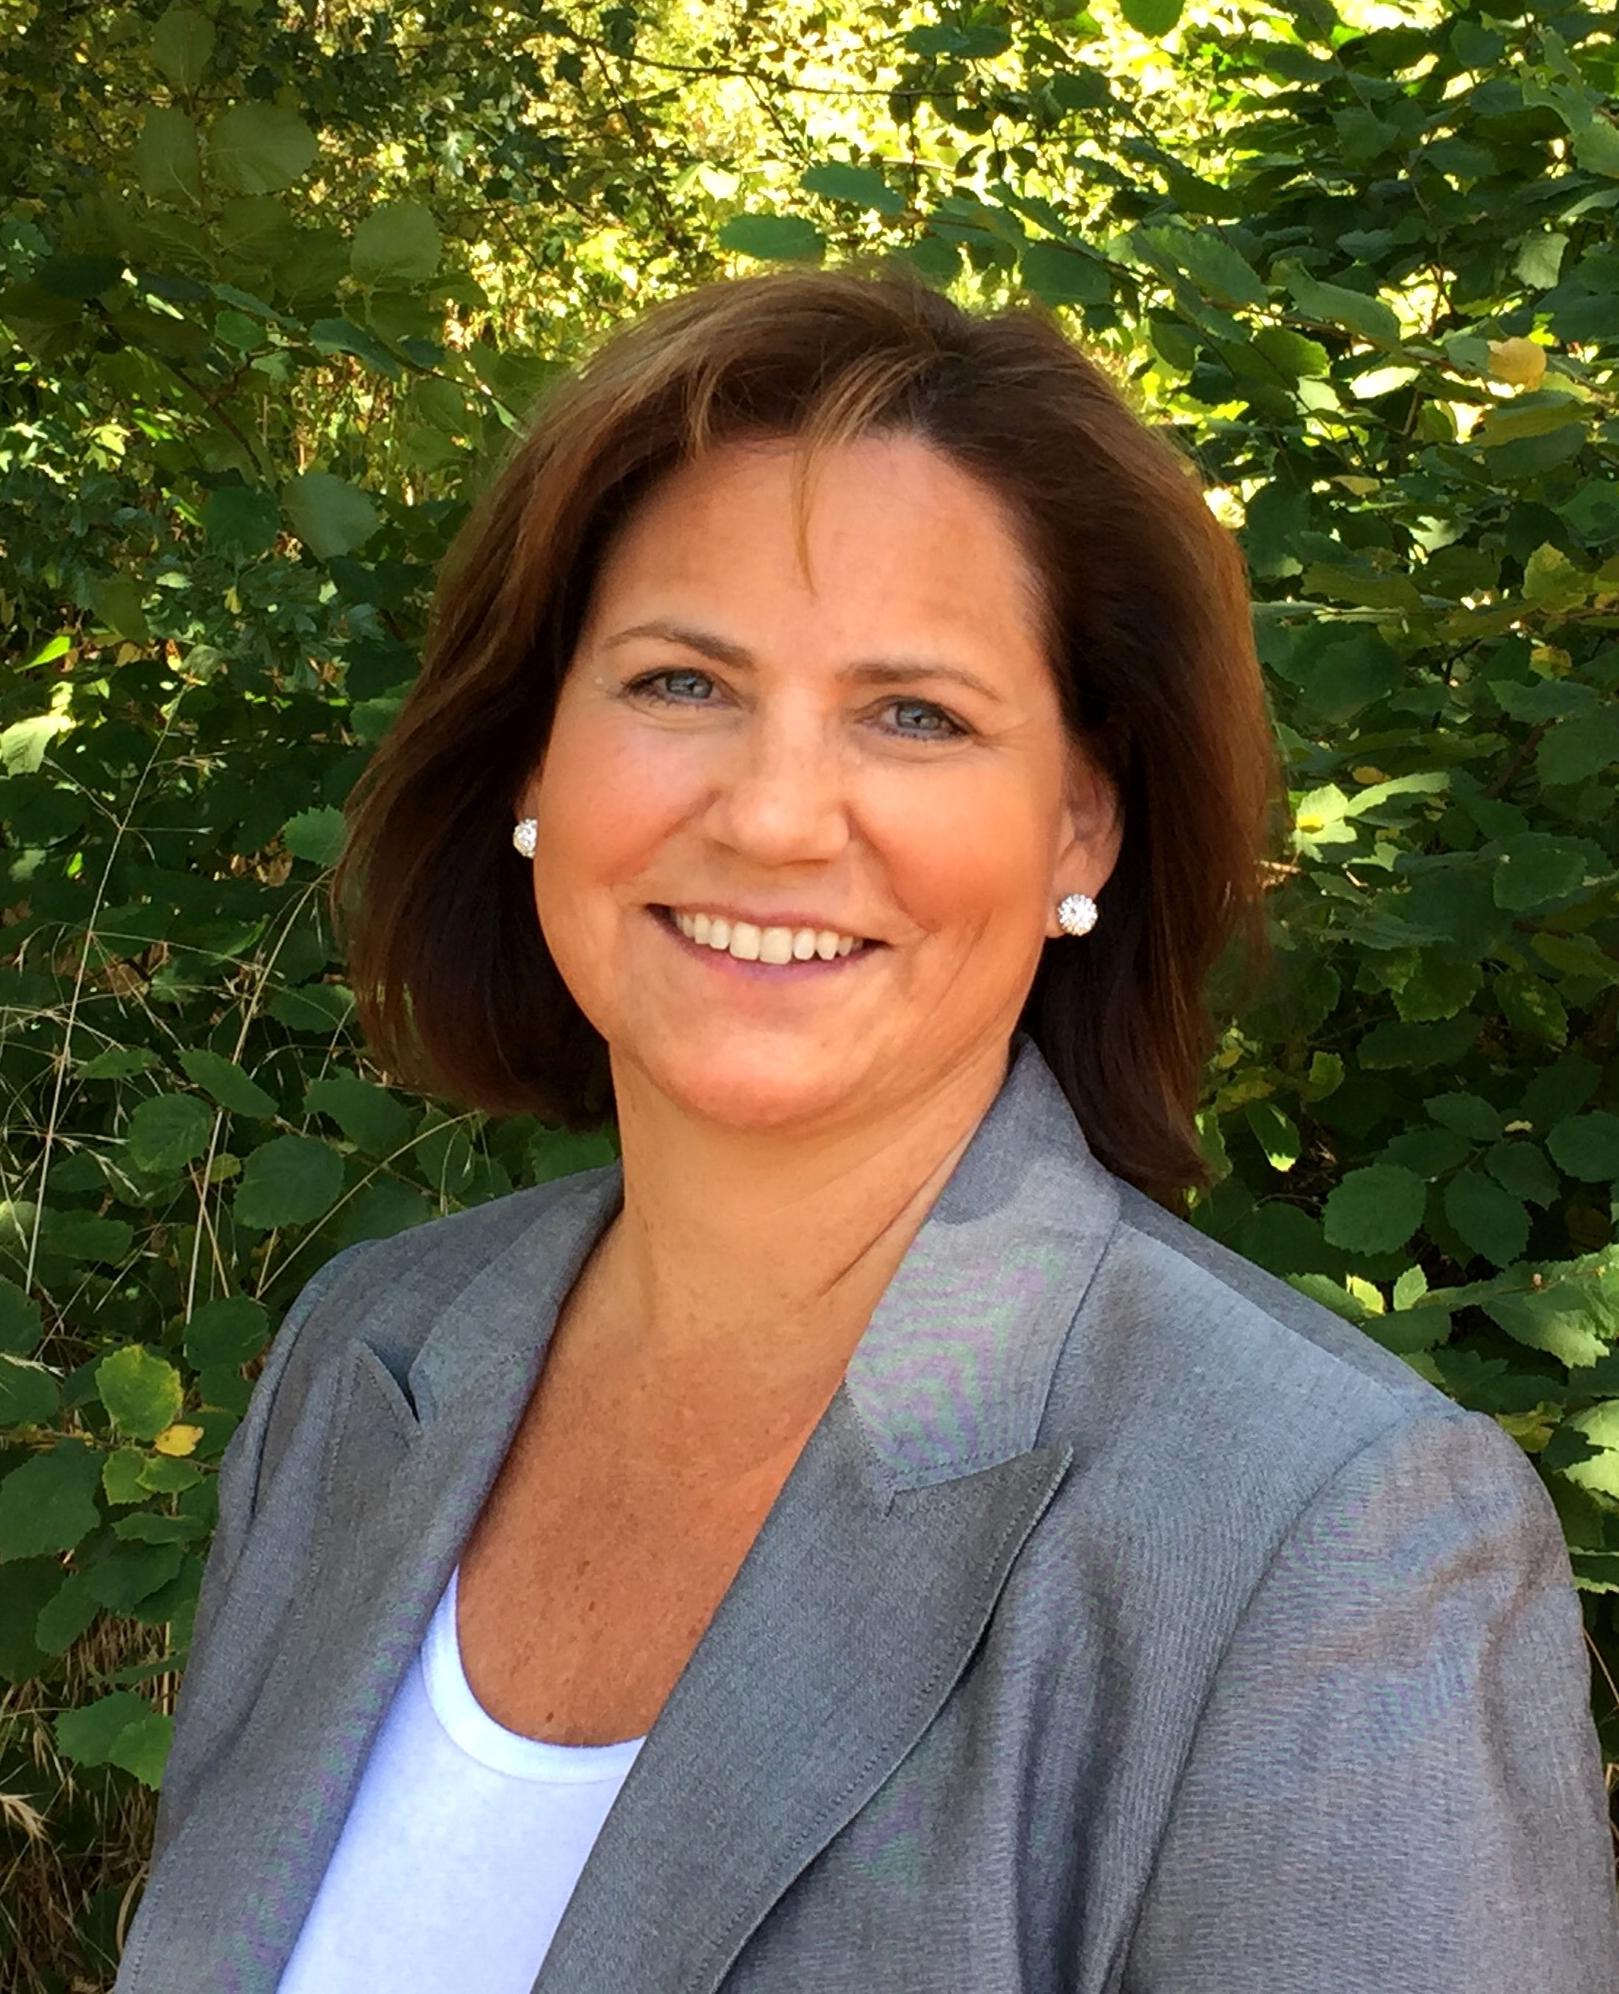 Jill Schmid, Ph.D.